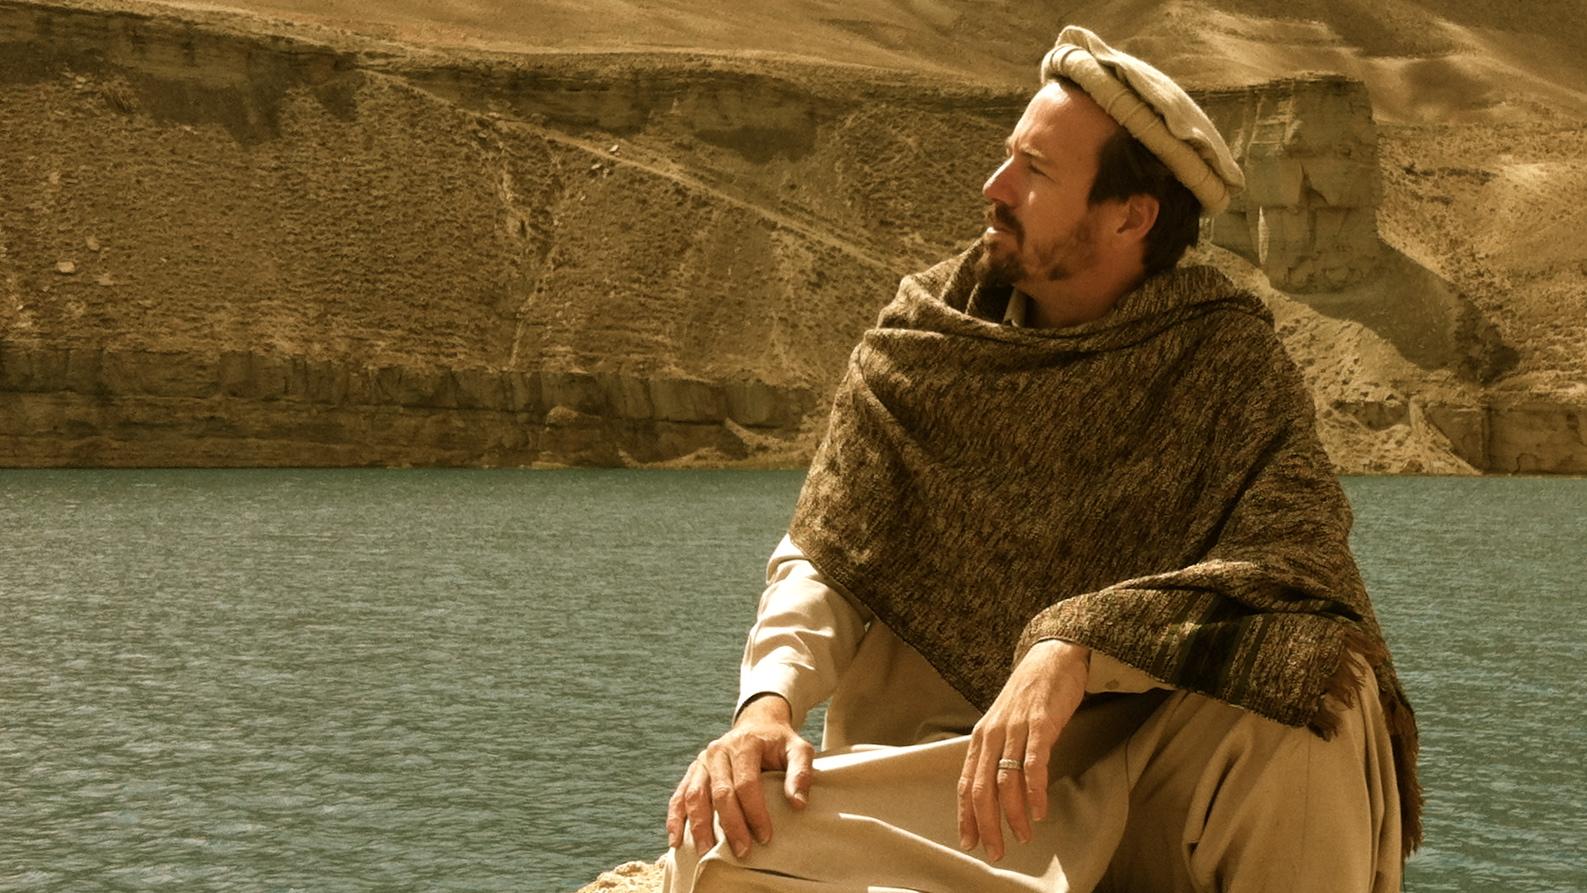 At Band-e-Amir